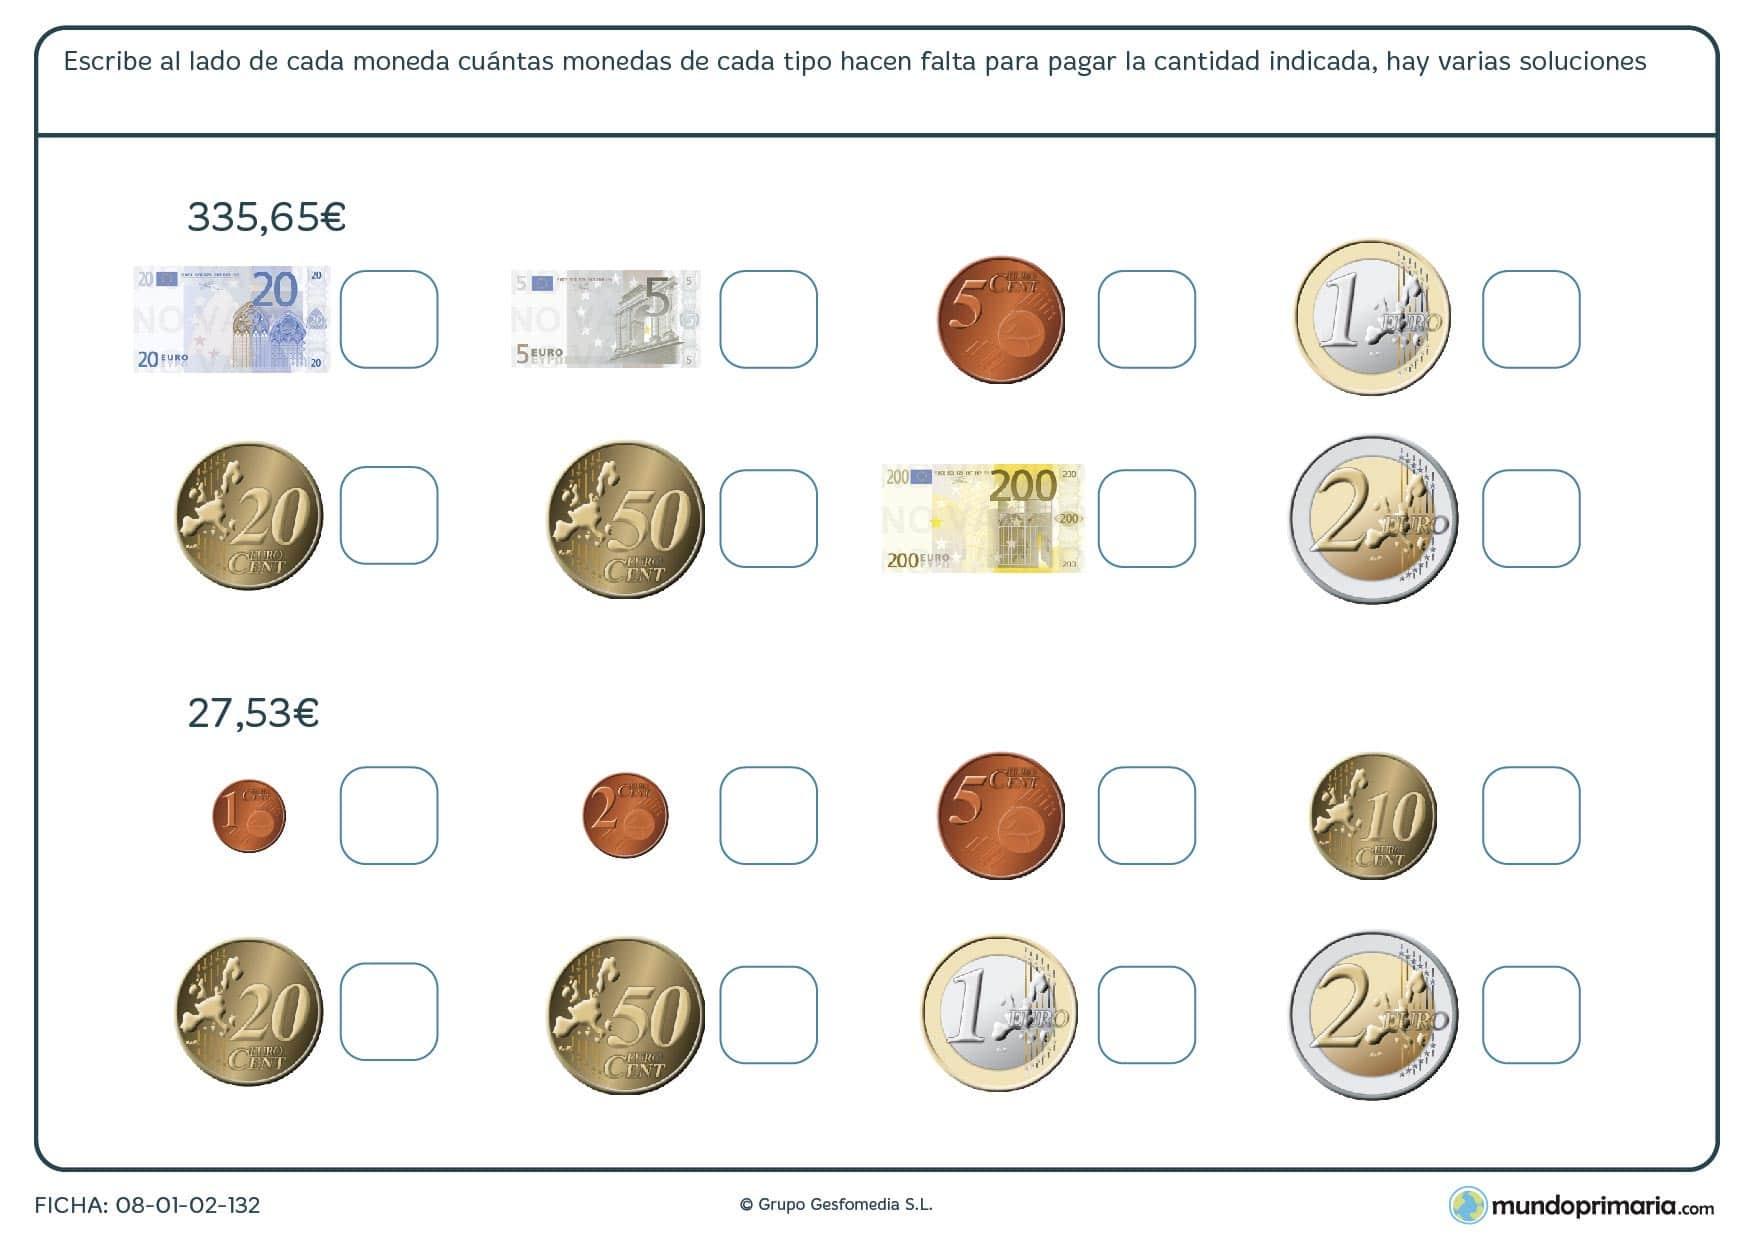 Ficha de cantidad de monedas o billetes para poder obtener una determinada cantidad.